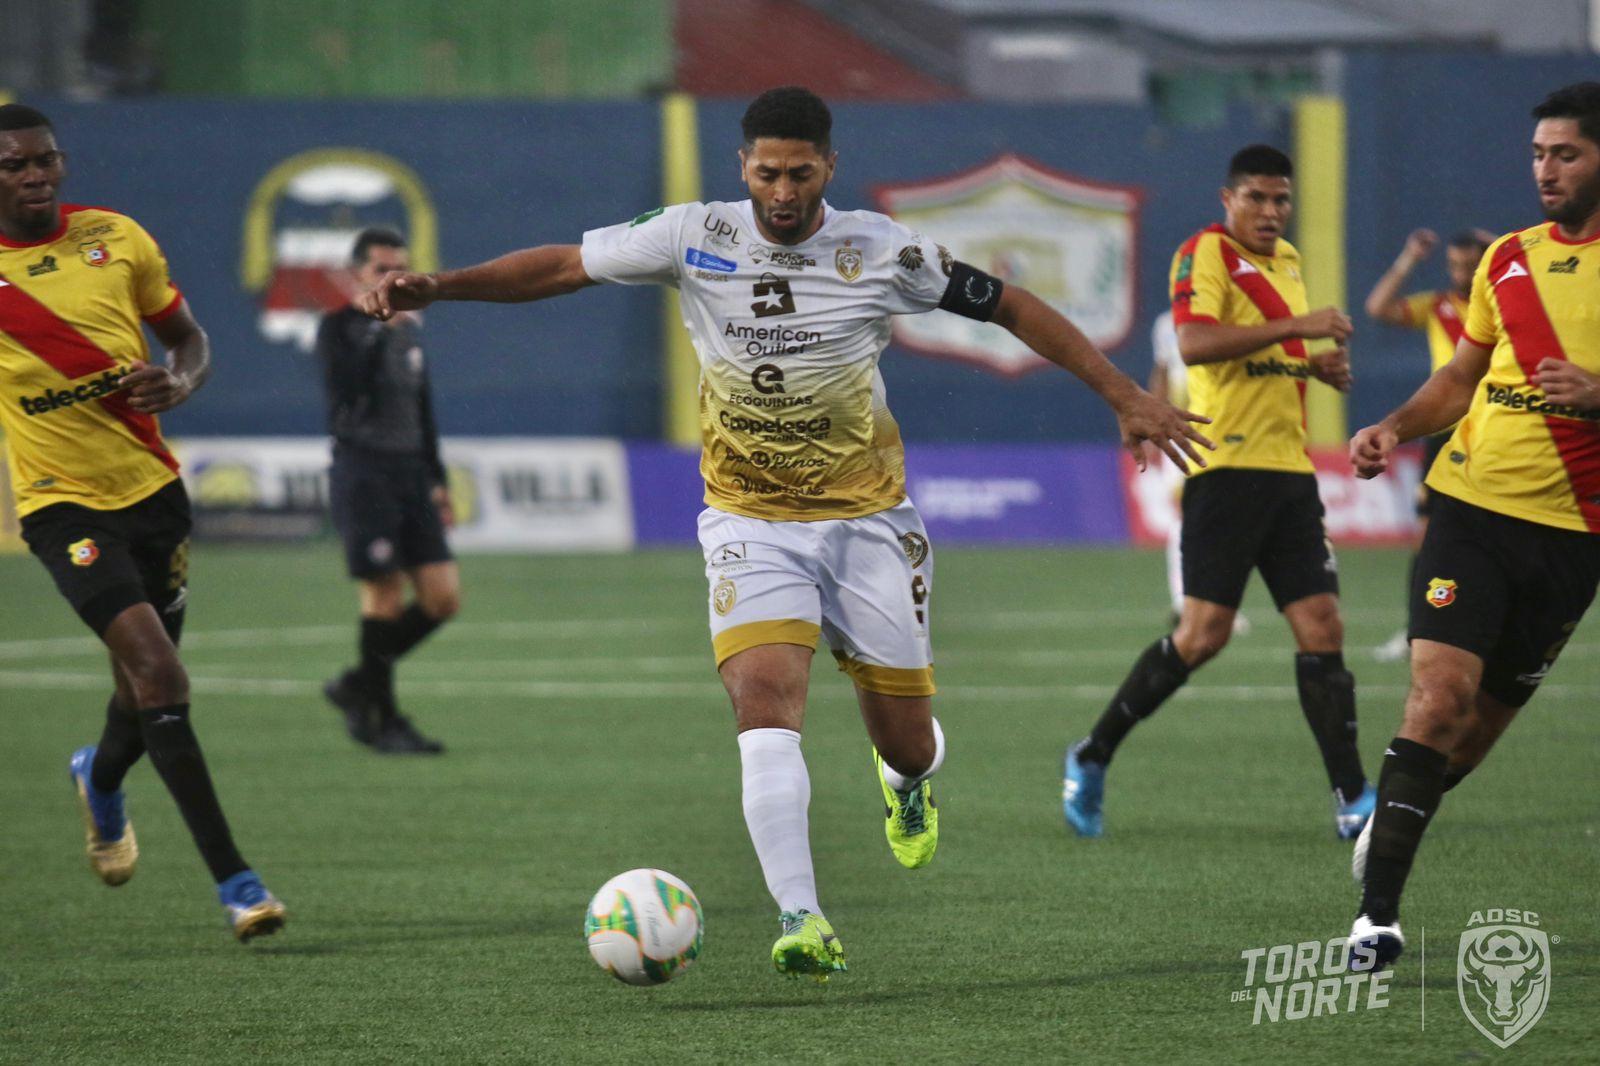 San Carlos suma 6 juegos sin ganar en el torneo.